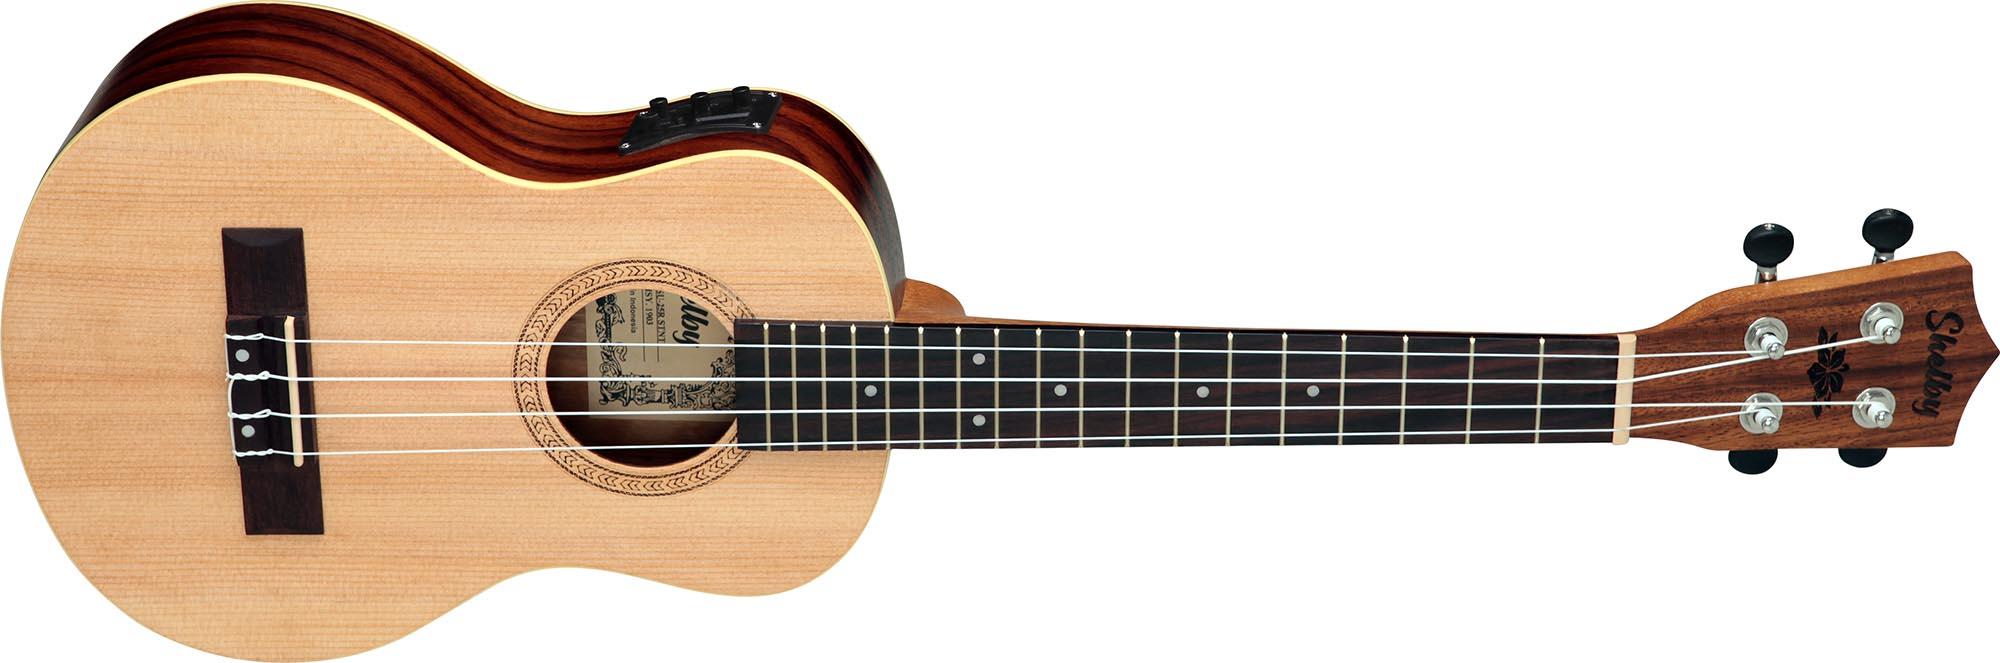 su25re ukulele tenor eletroacustico shelby su25re stnt jacaranda acetinado visao frontal